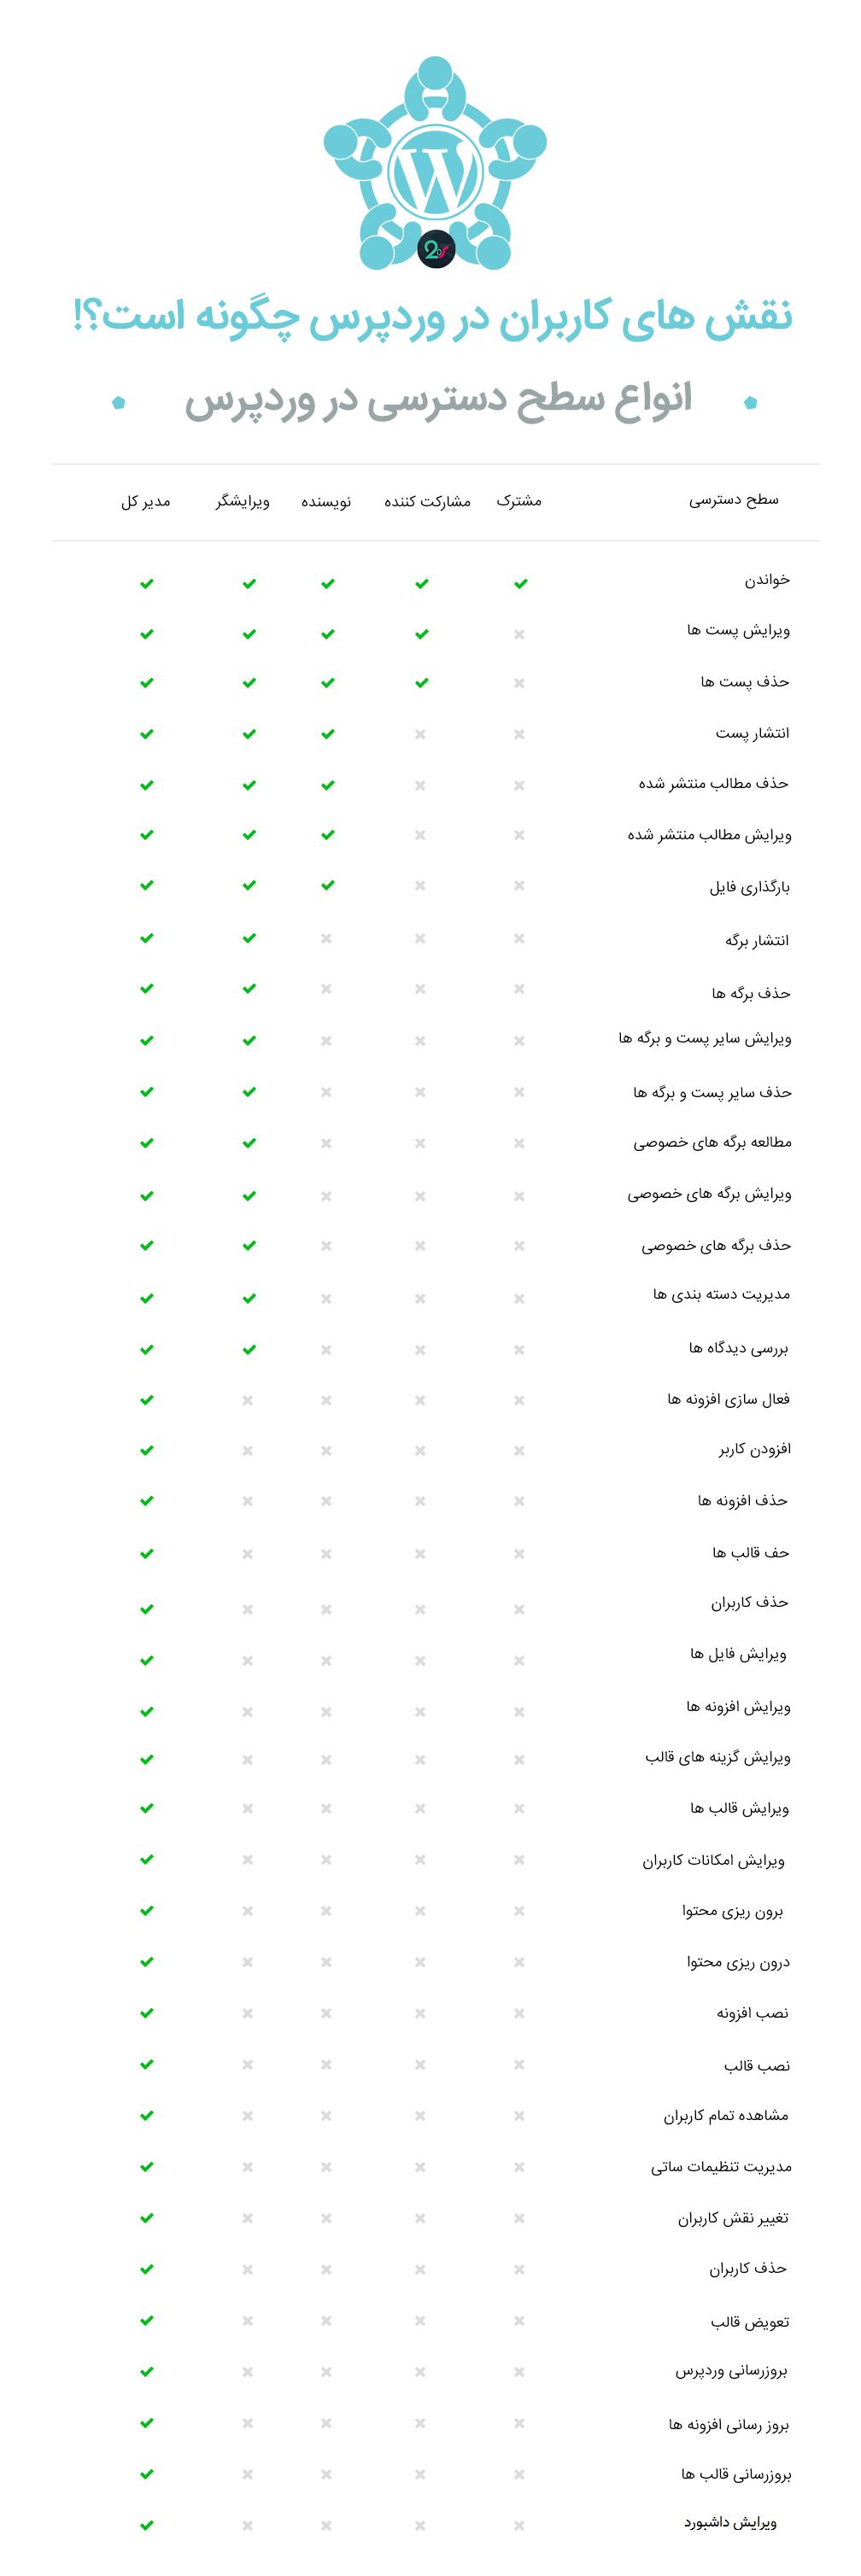 نقش کاربران در وردپرس و انواع آن (اینفوگرافیک)